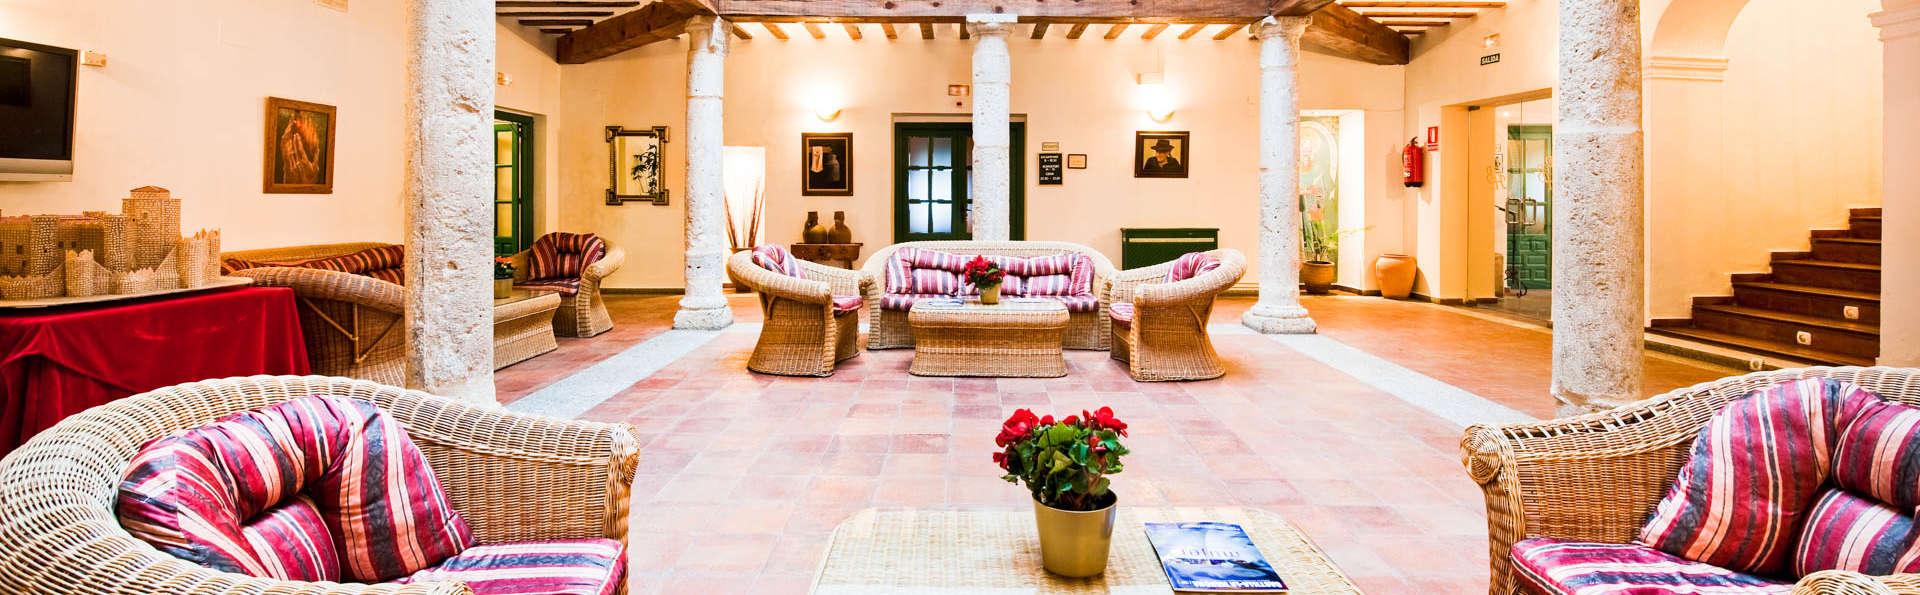 Palacio Buenavista Hospedería - EDIT_NEW_LOOBY.jpg